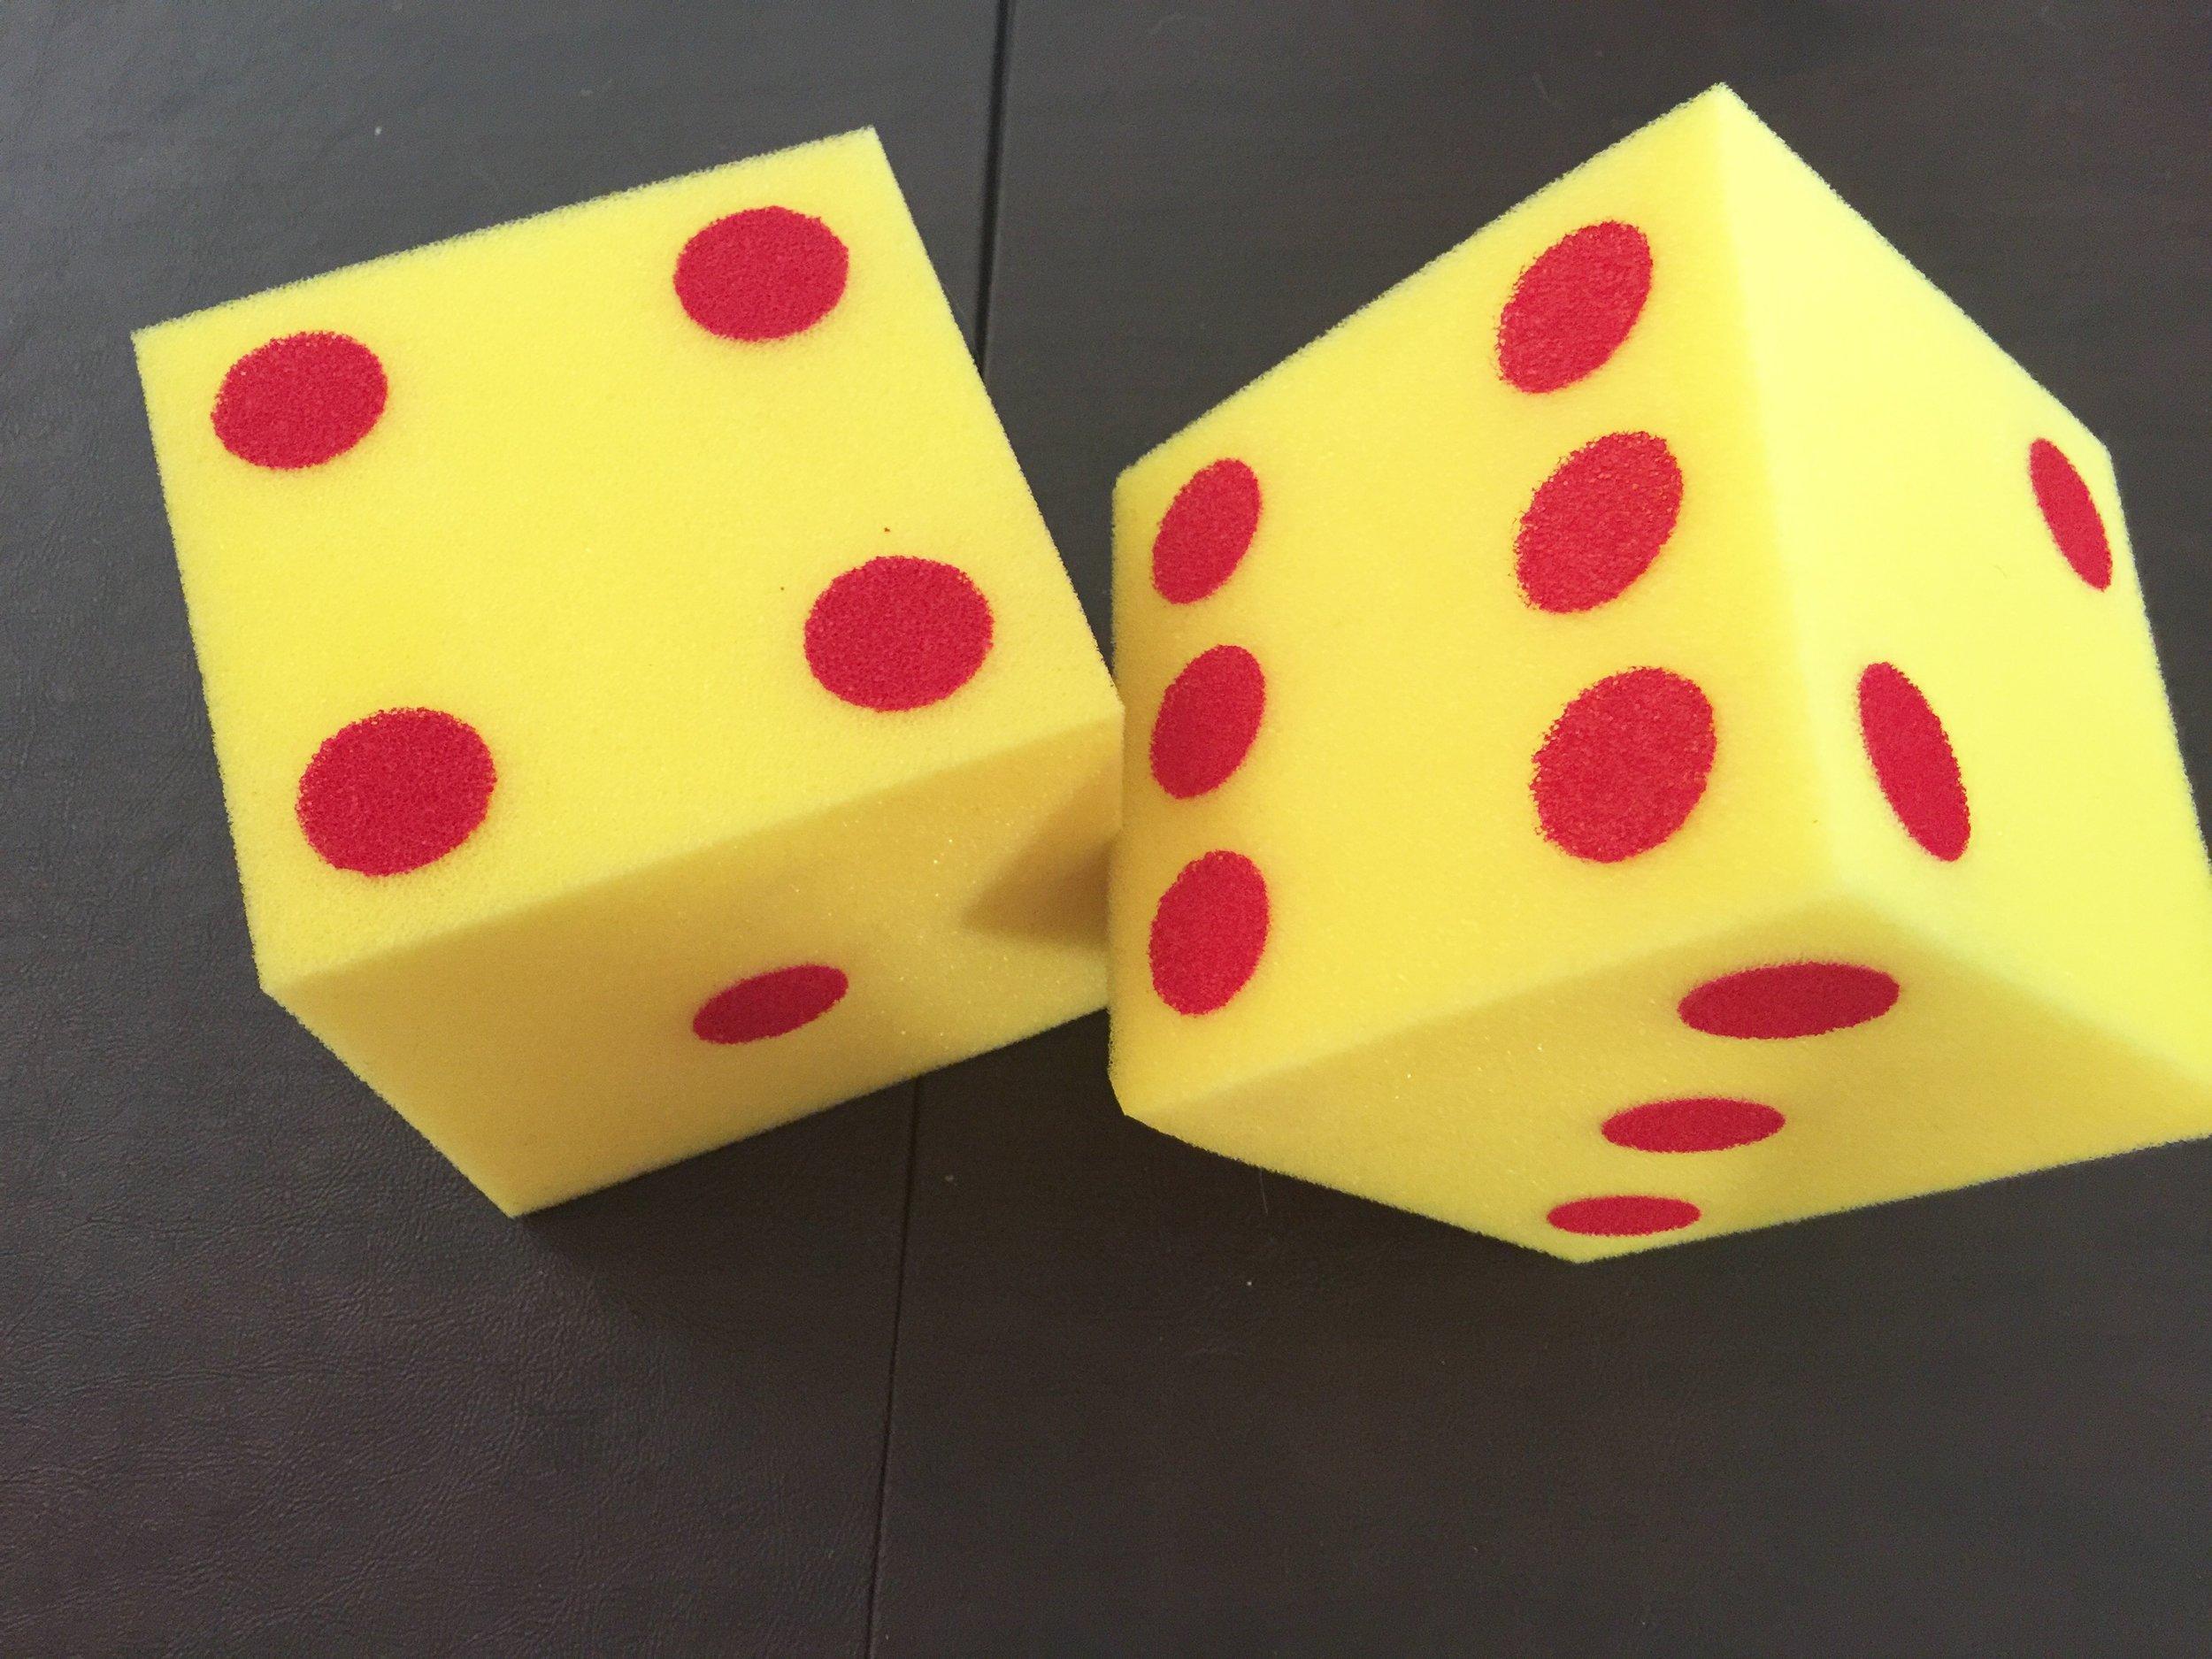 Large styrofoam dice from Amazon.